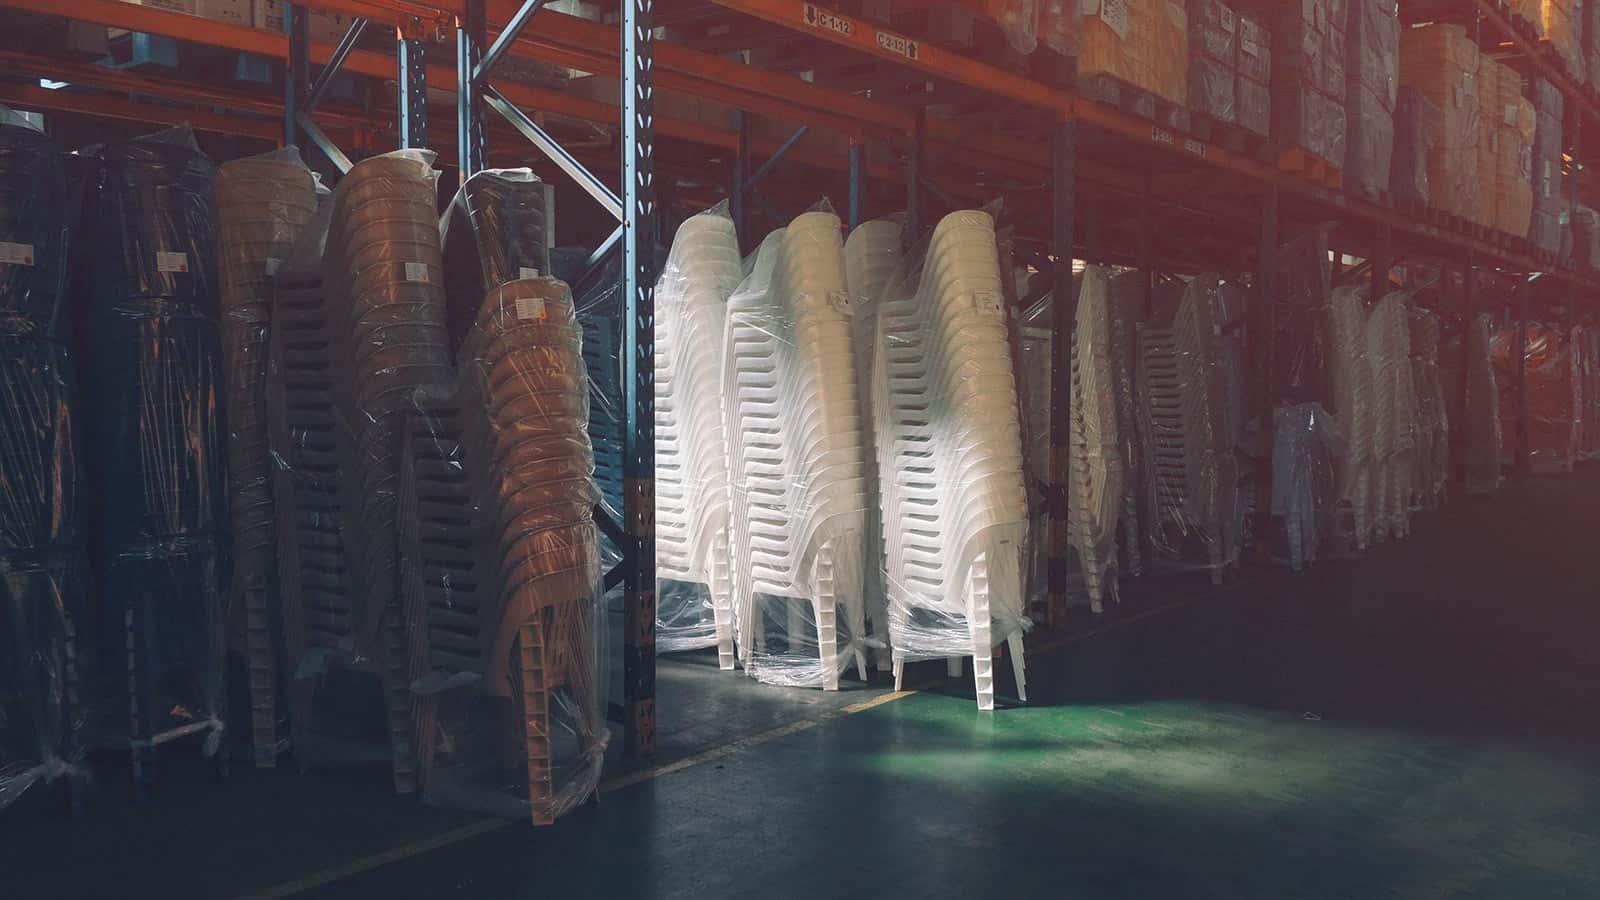 Практическое применение дизайна стульев. Они очень удобно складываются.